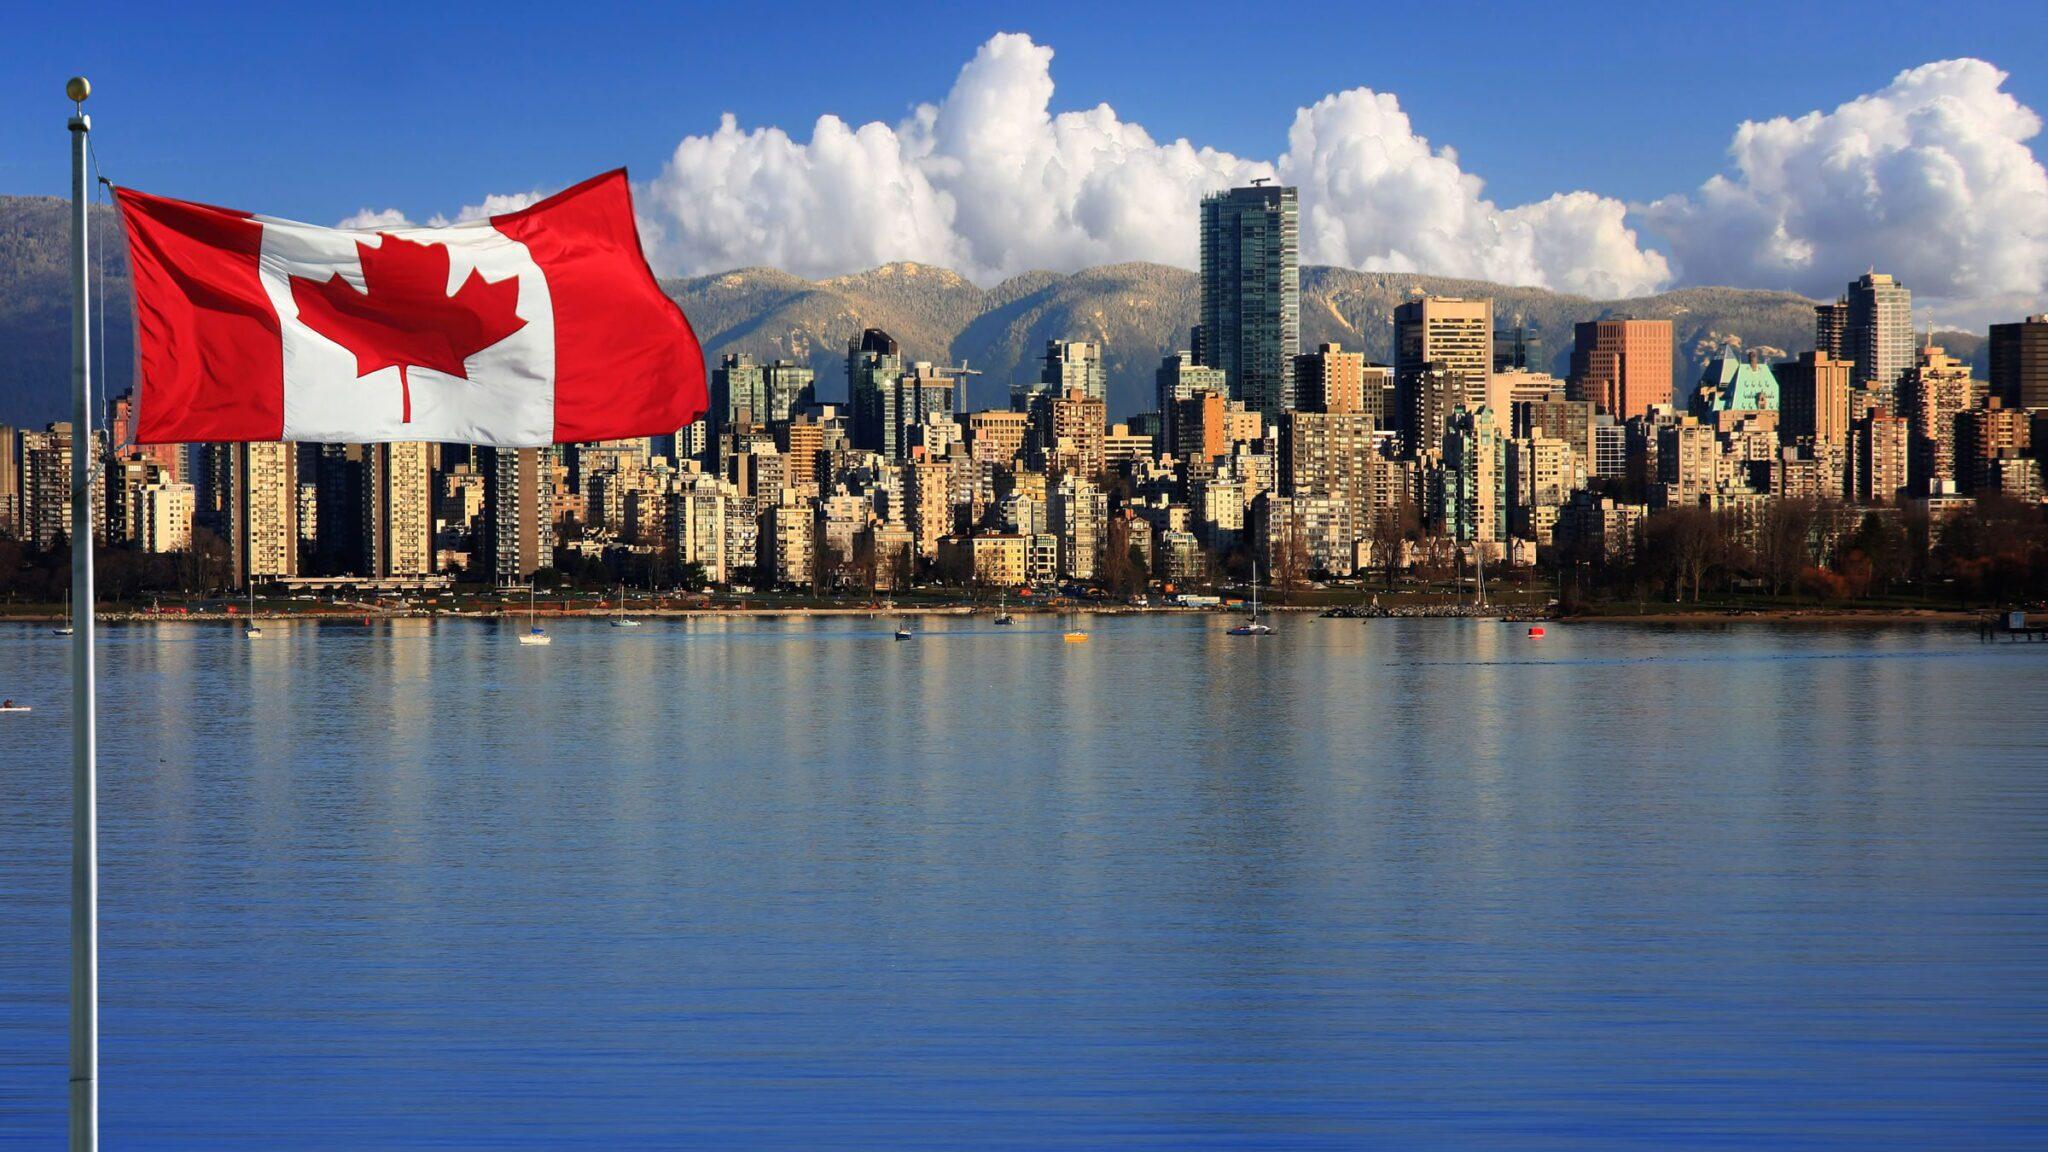 Los reguladores aprueban creación de un fondo cotizado para Ethereum en la Bolsa de Valores de Toronto, presentado por la compañía 3iQ Corp